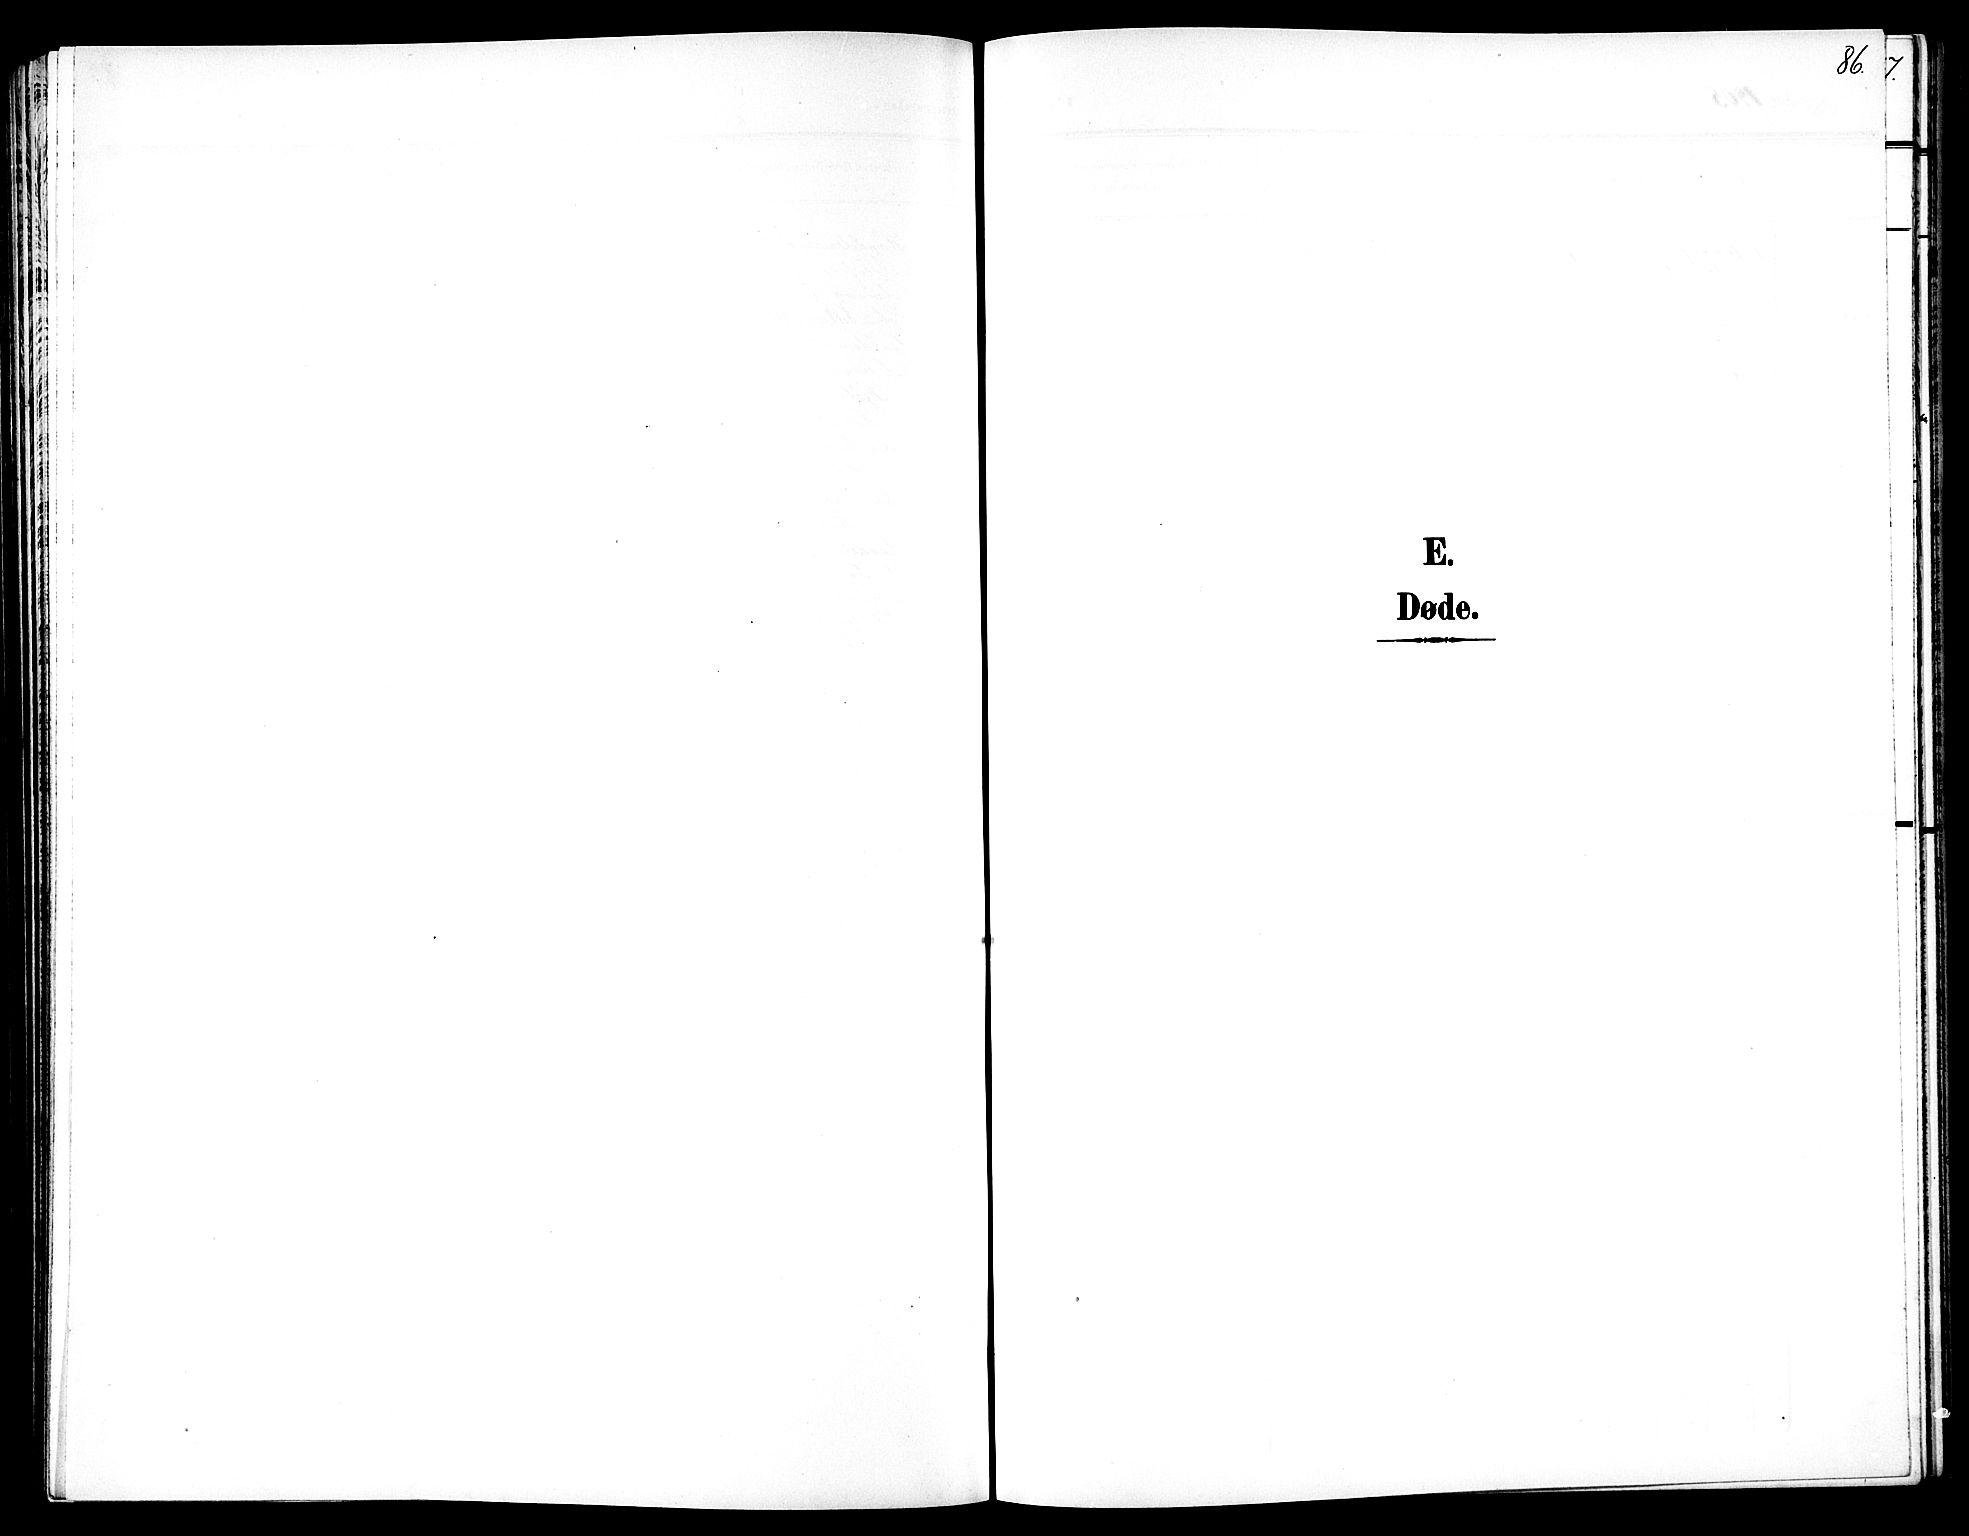 SAT, Ministerialprotokoller, klokkerbøker og fødselsregistre - Sør-Trøndelag, 602/L0146: Klokkerbok nr. 602C14, 1904-1914, s. 86